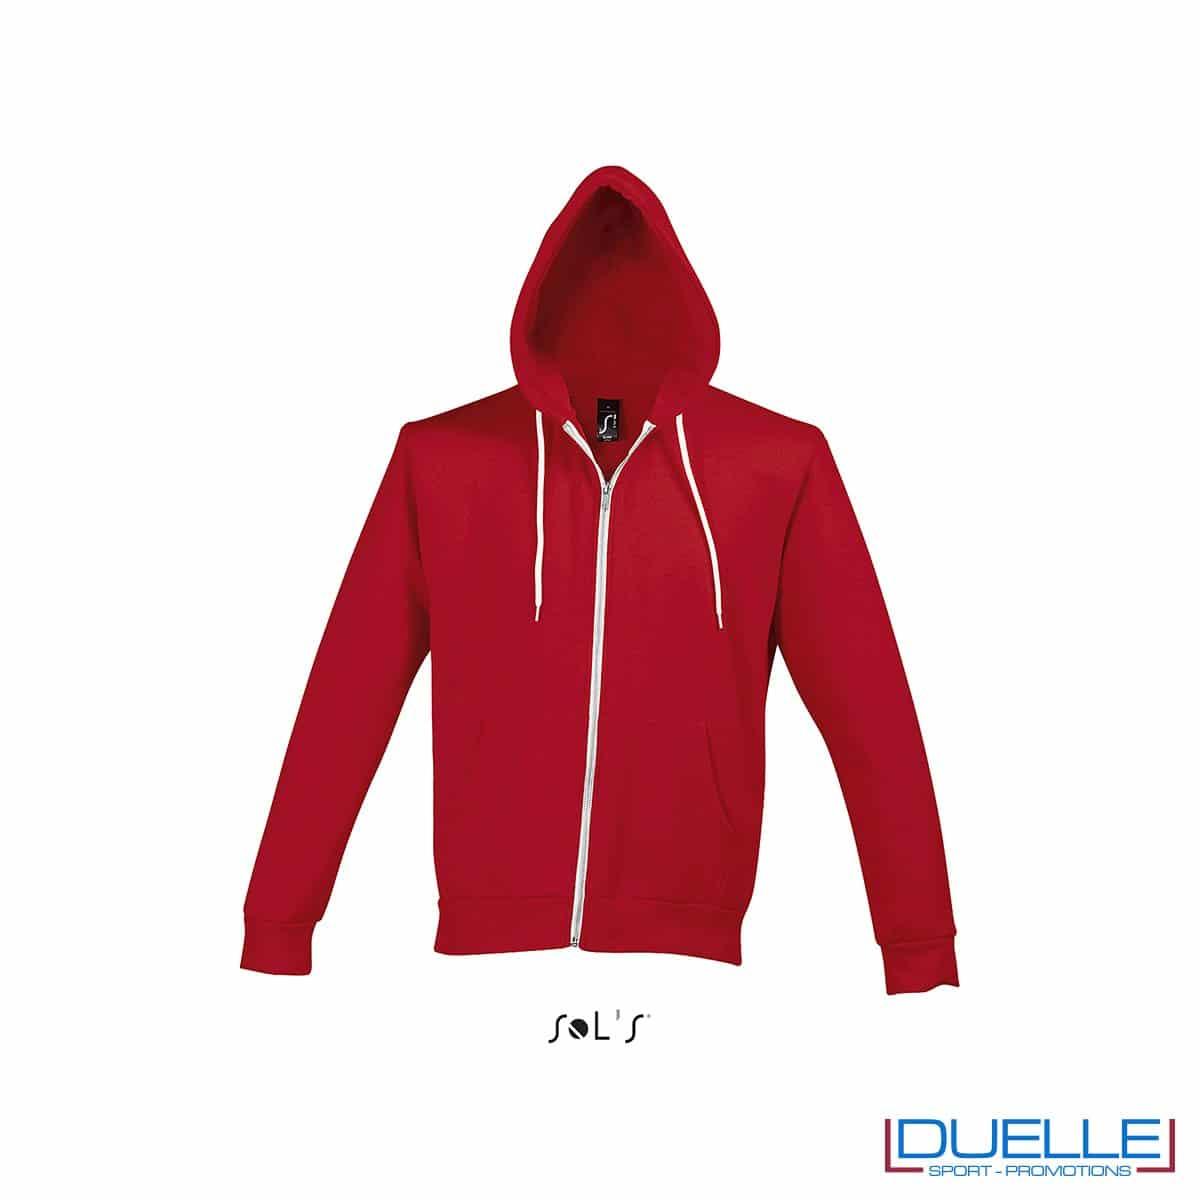 felpa personalizzata con cappuccio full zip e particolari a contrasto colore rosso, felpa personalizzata, abbigliamento promozionale personalizzato